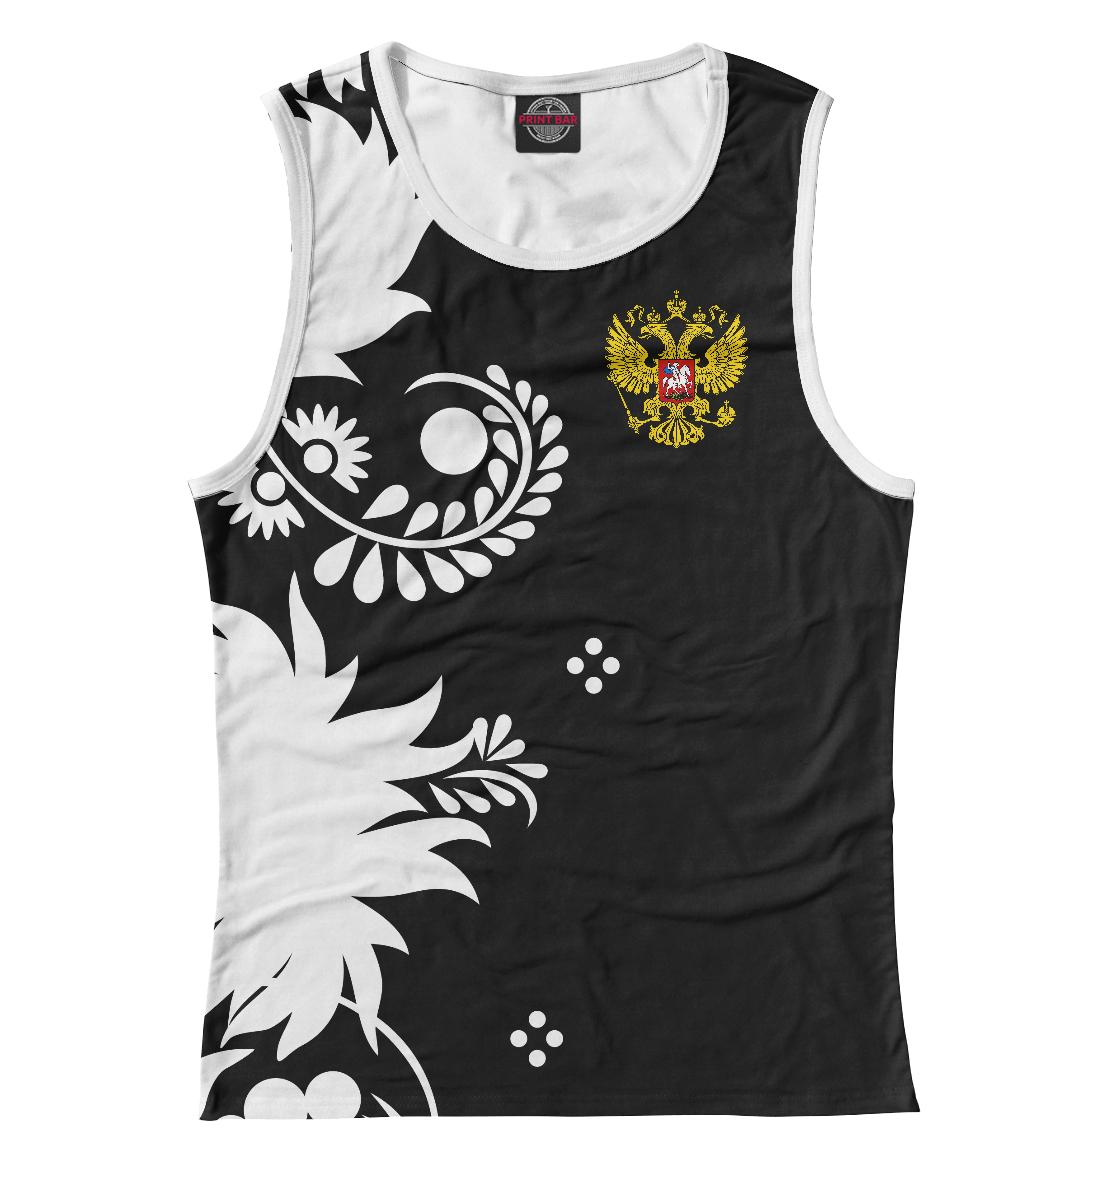 Купить Россия, Printbar, Майки, RZN-539122-may-1